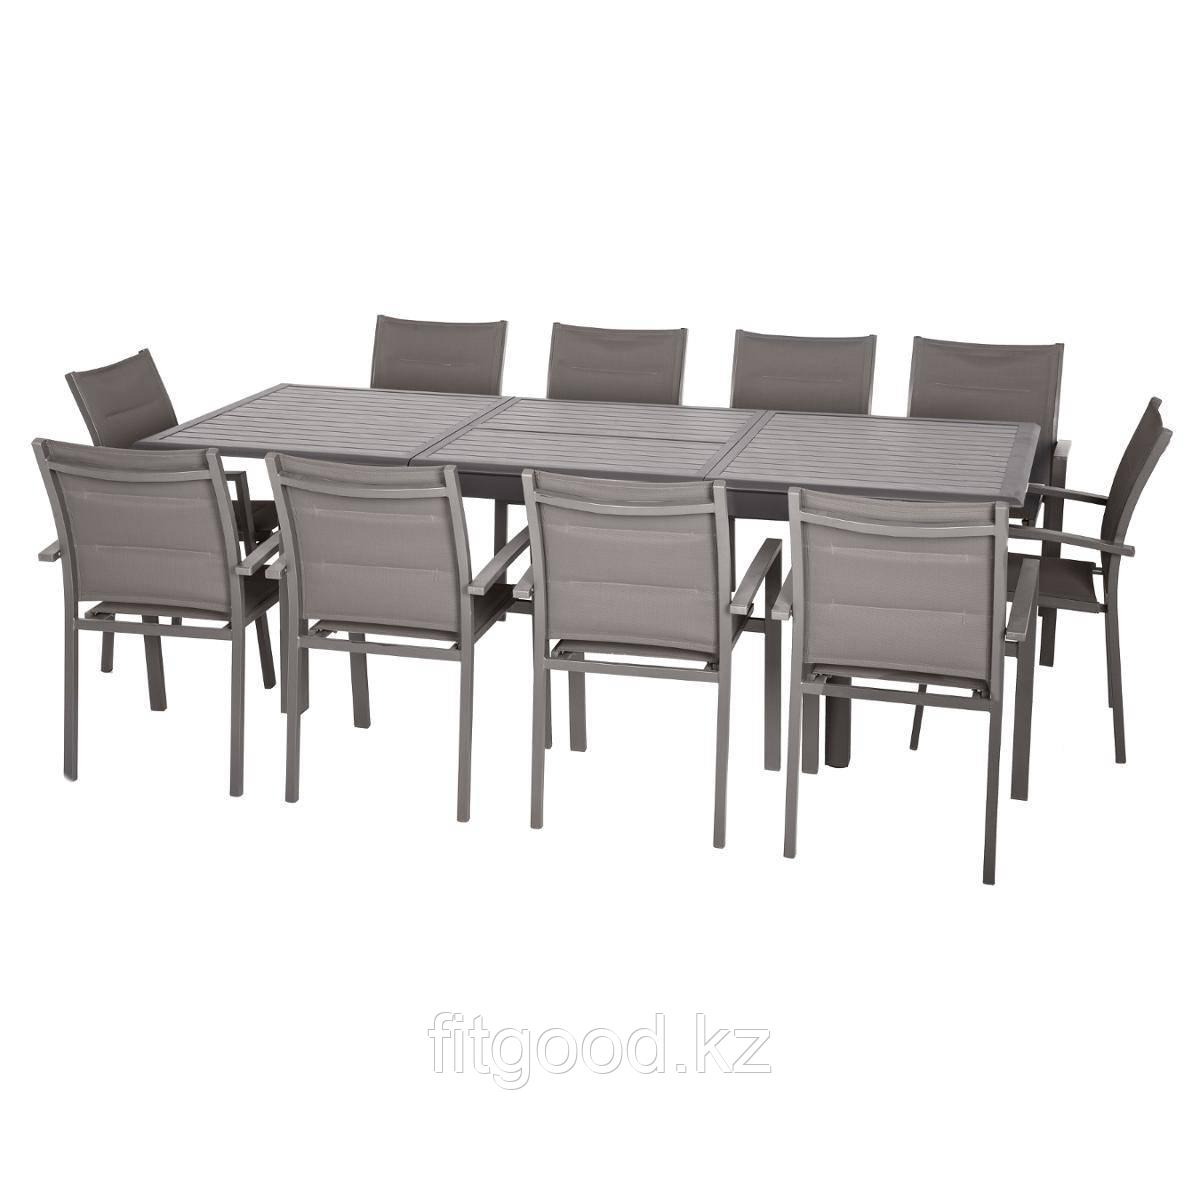 Обеденный стол для сада 3х1м Azua (раздвижной)